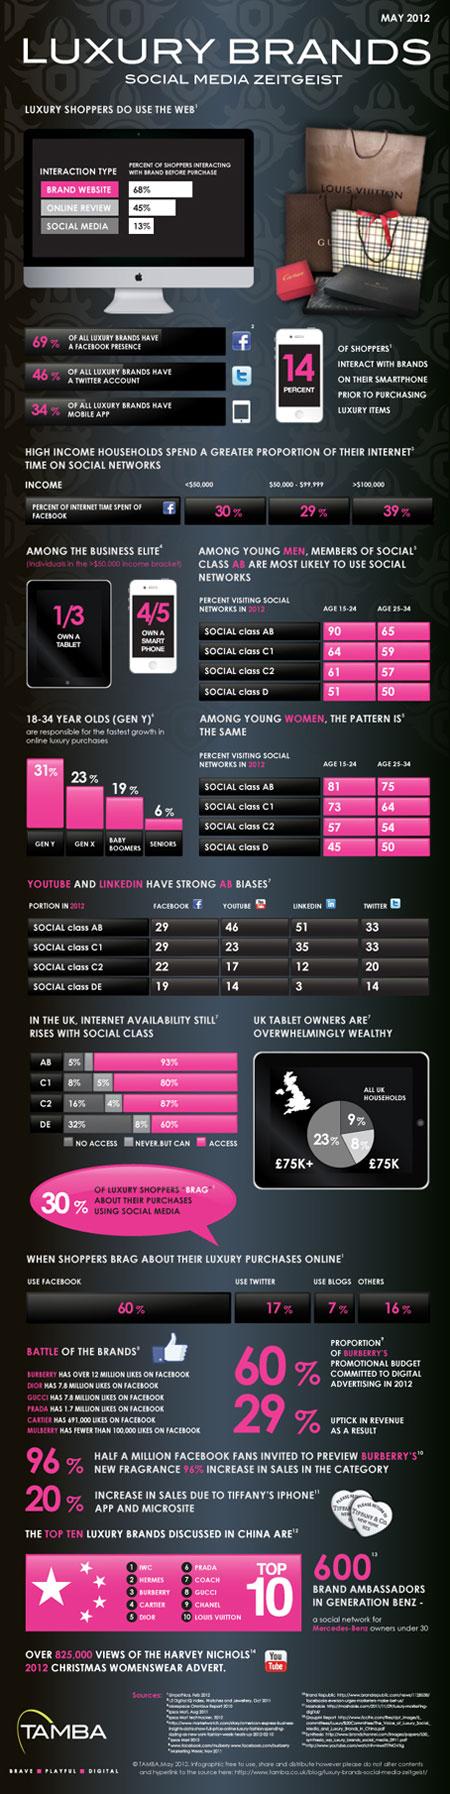 Présence des marques de luxe dans les réseaux sociauxSocial Media Fan